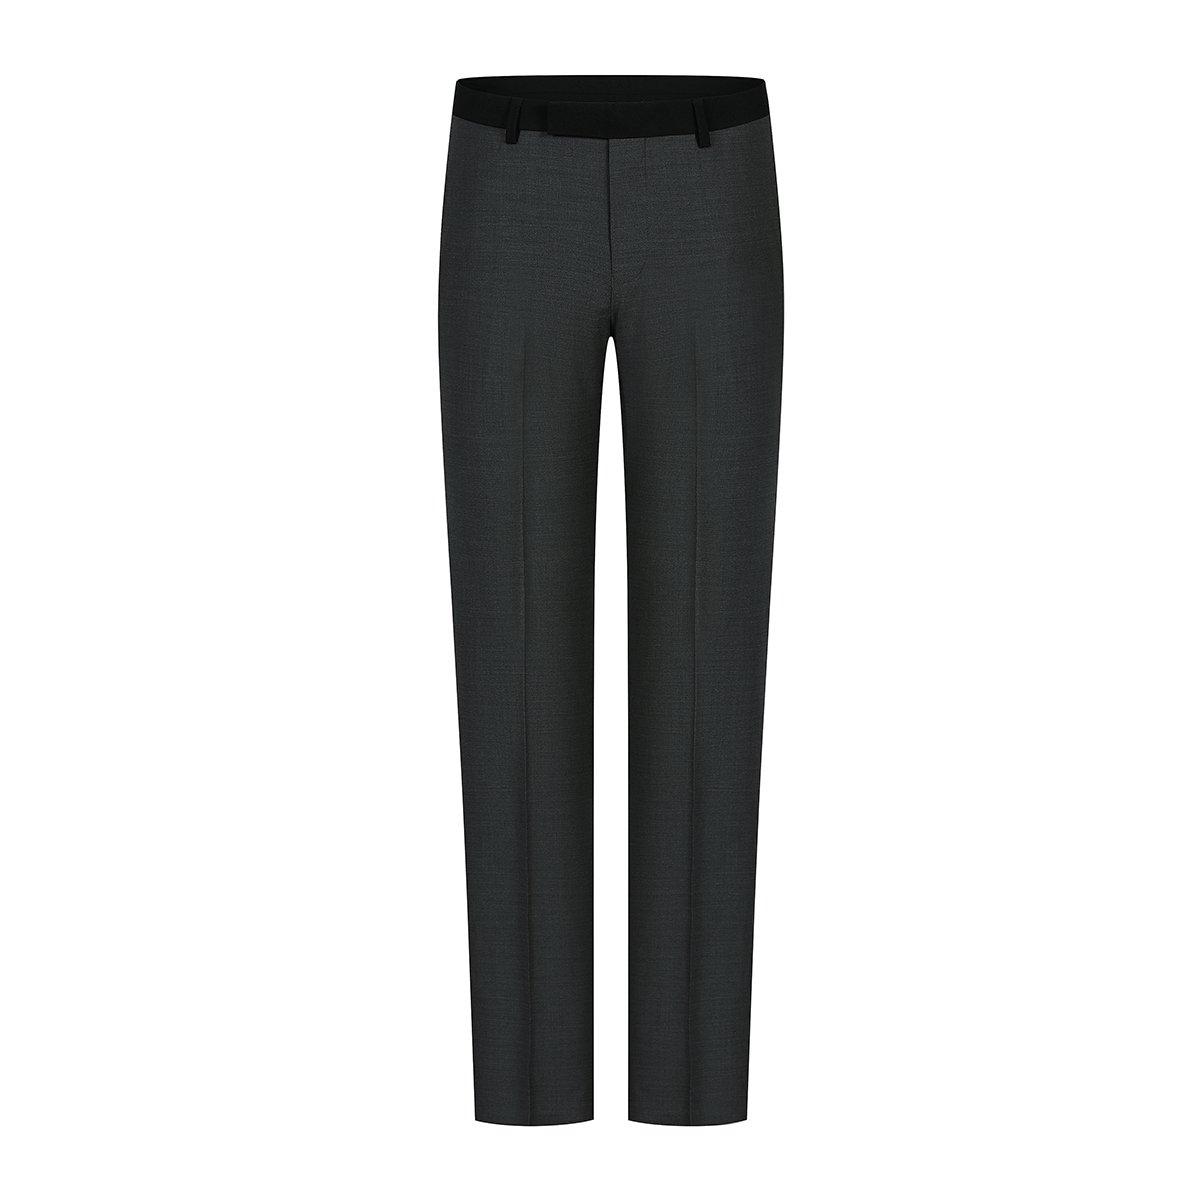 AOLAMAAOLAMA男式个性休闲裤08065729-11